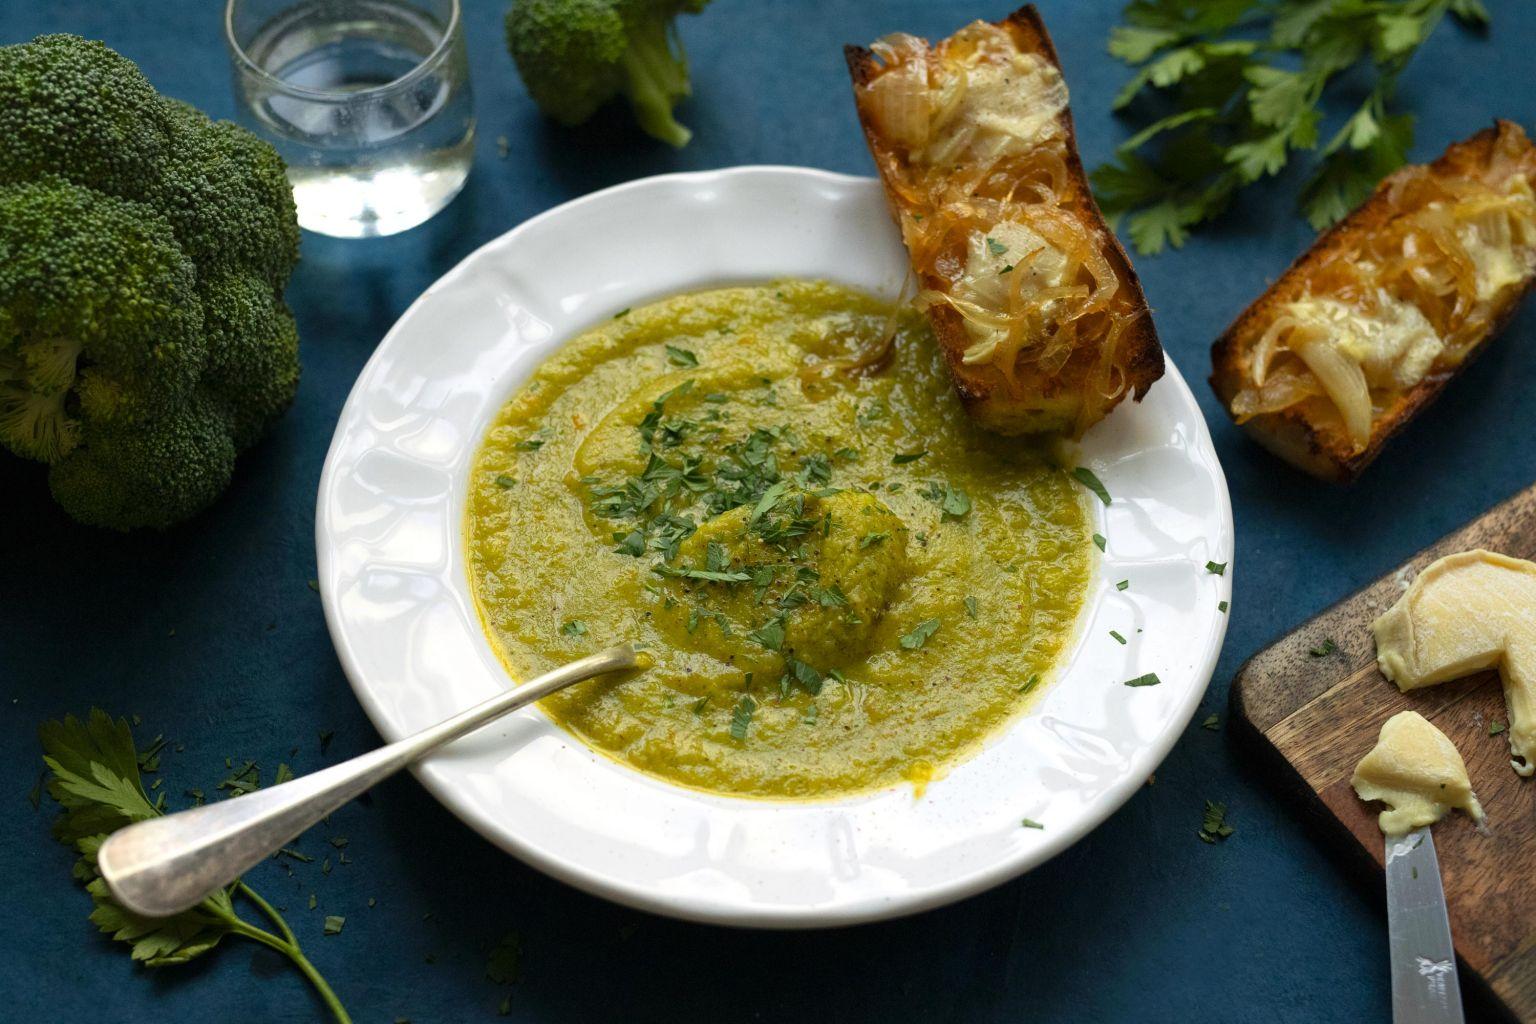 Velouté de brocoli et toasts chauds au rocamadour